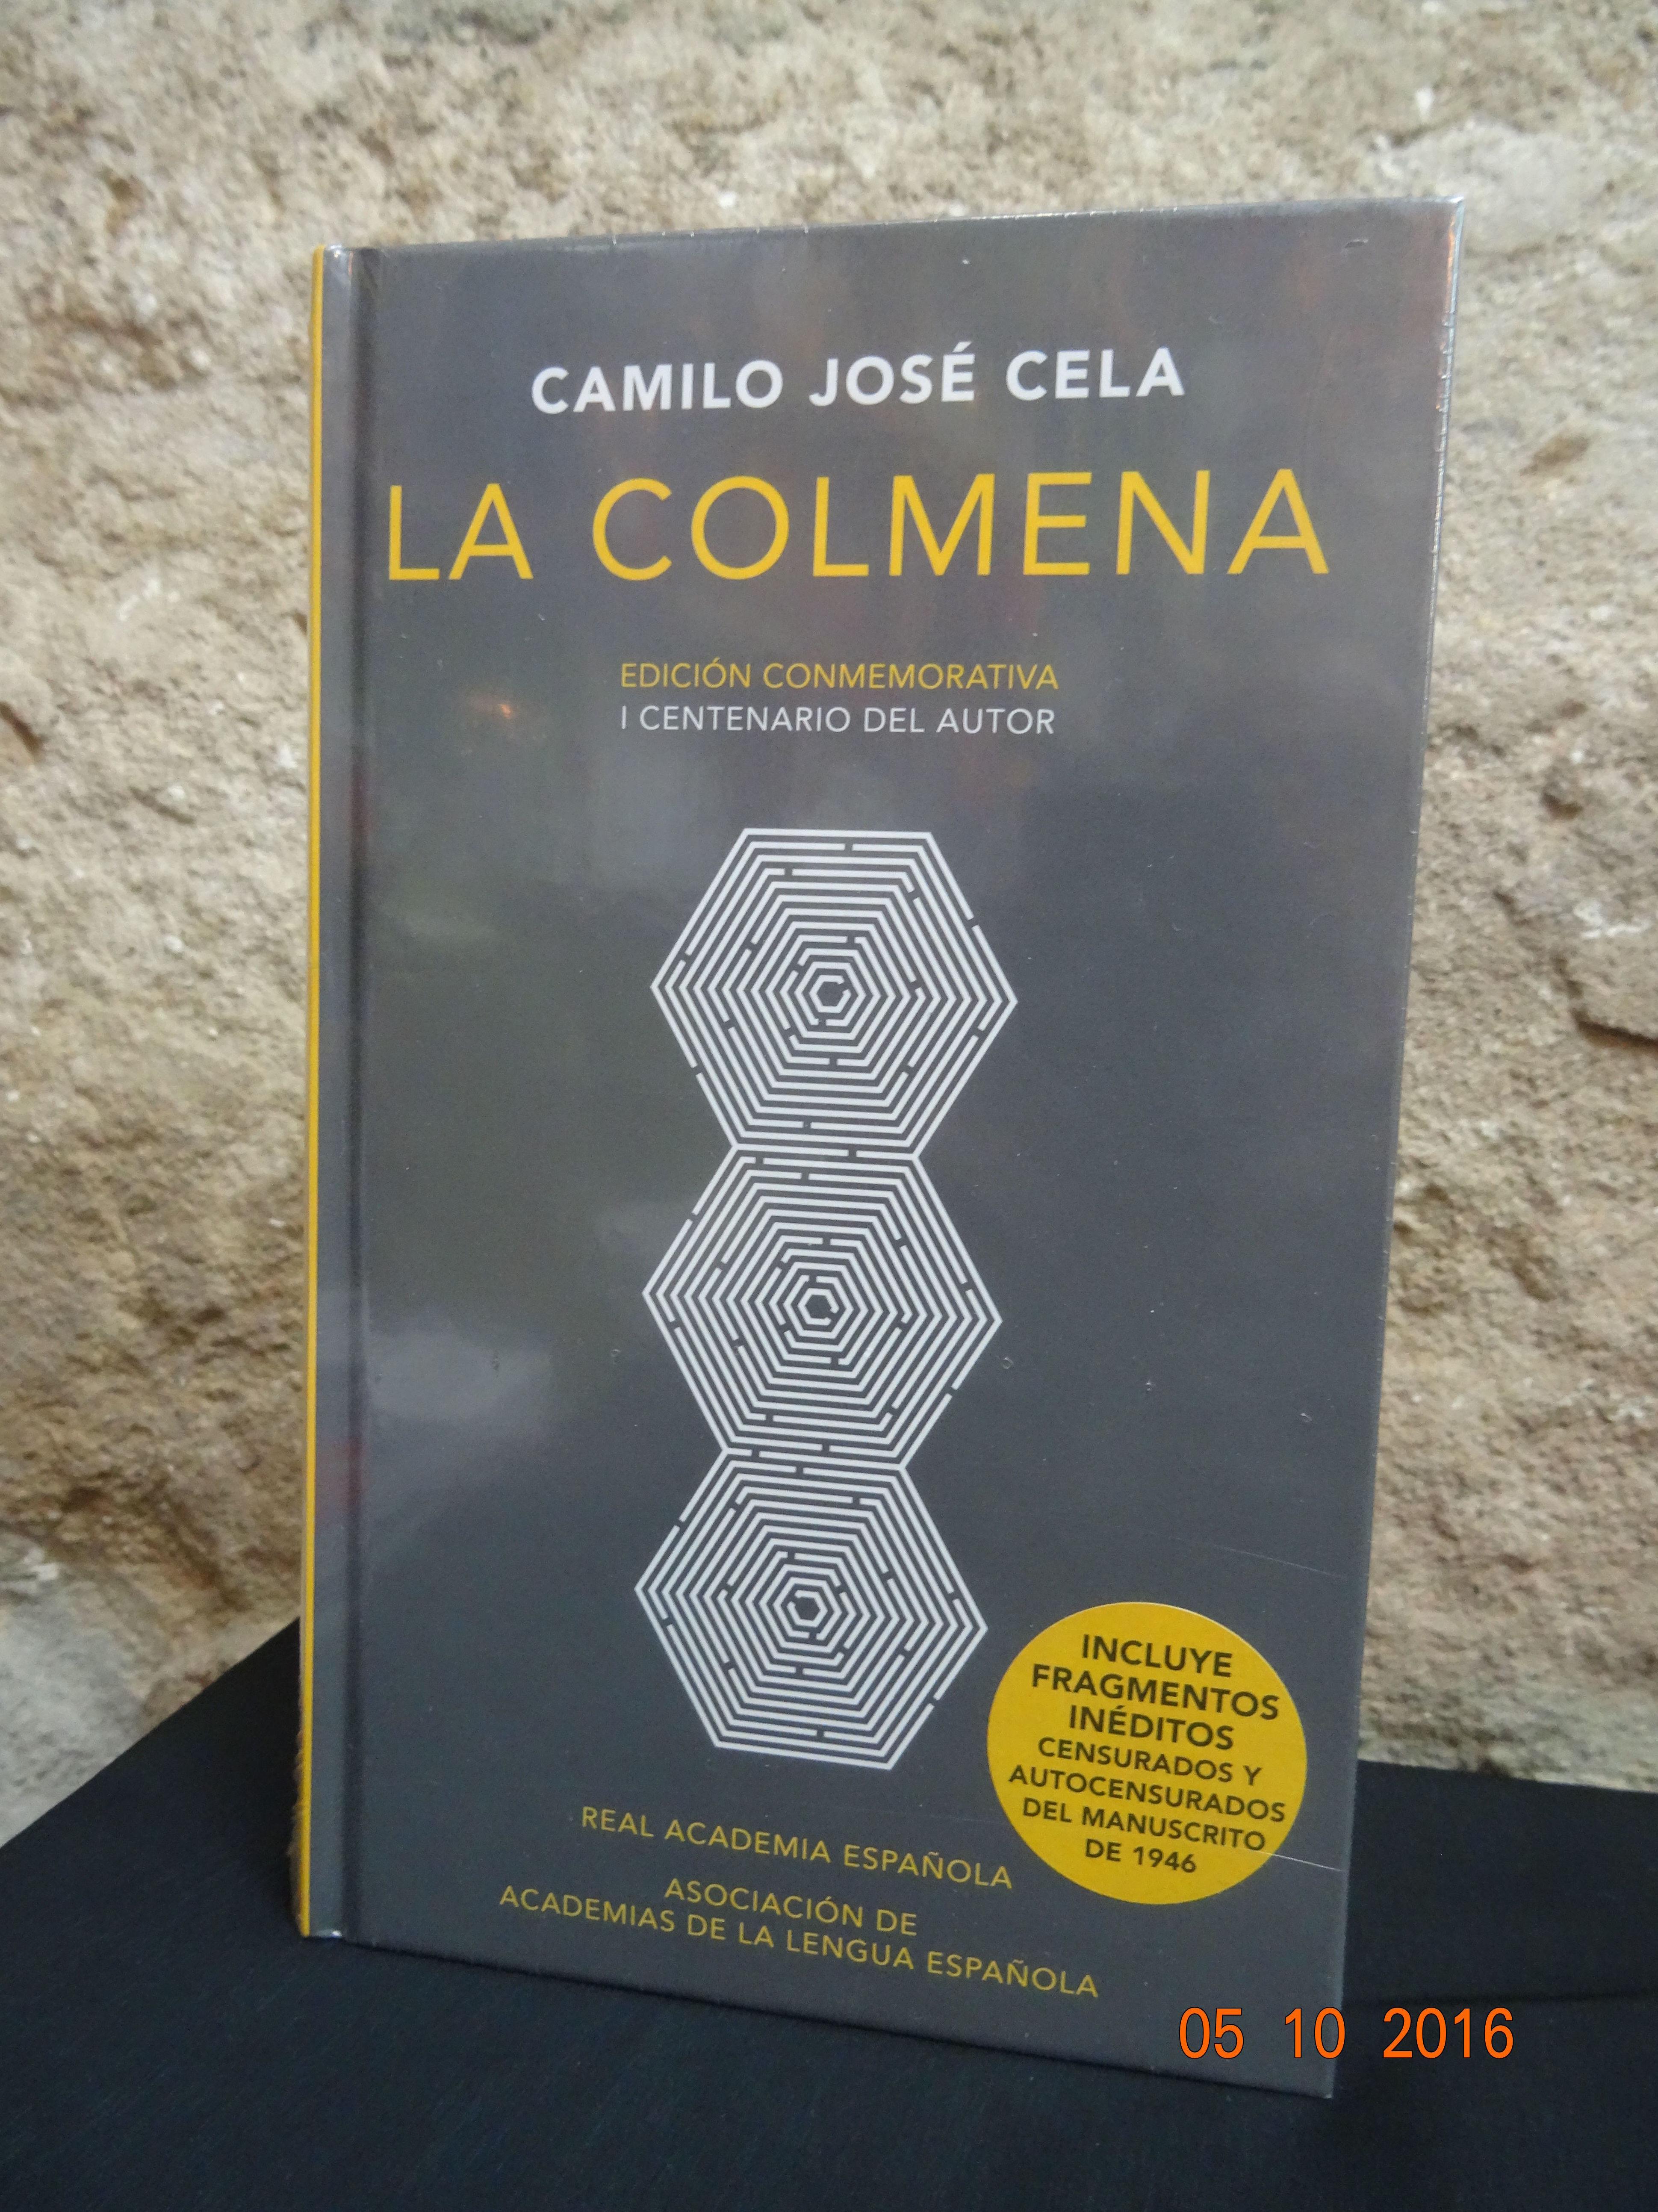 La Colmena: SECCIONES de Librería Nueva Plaza Universitaria